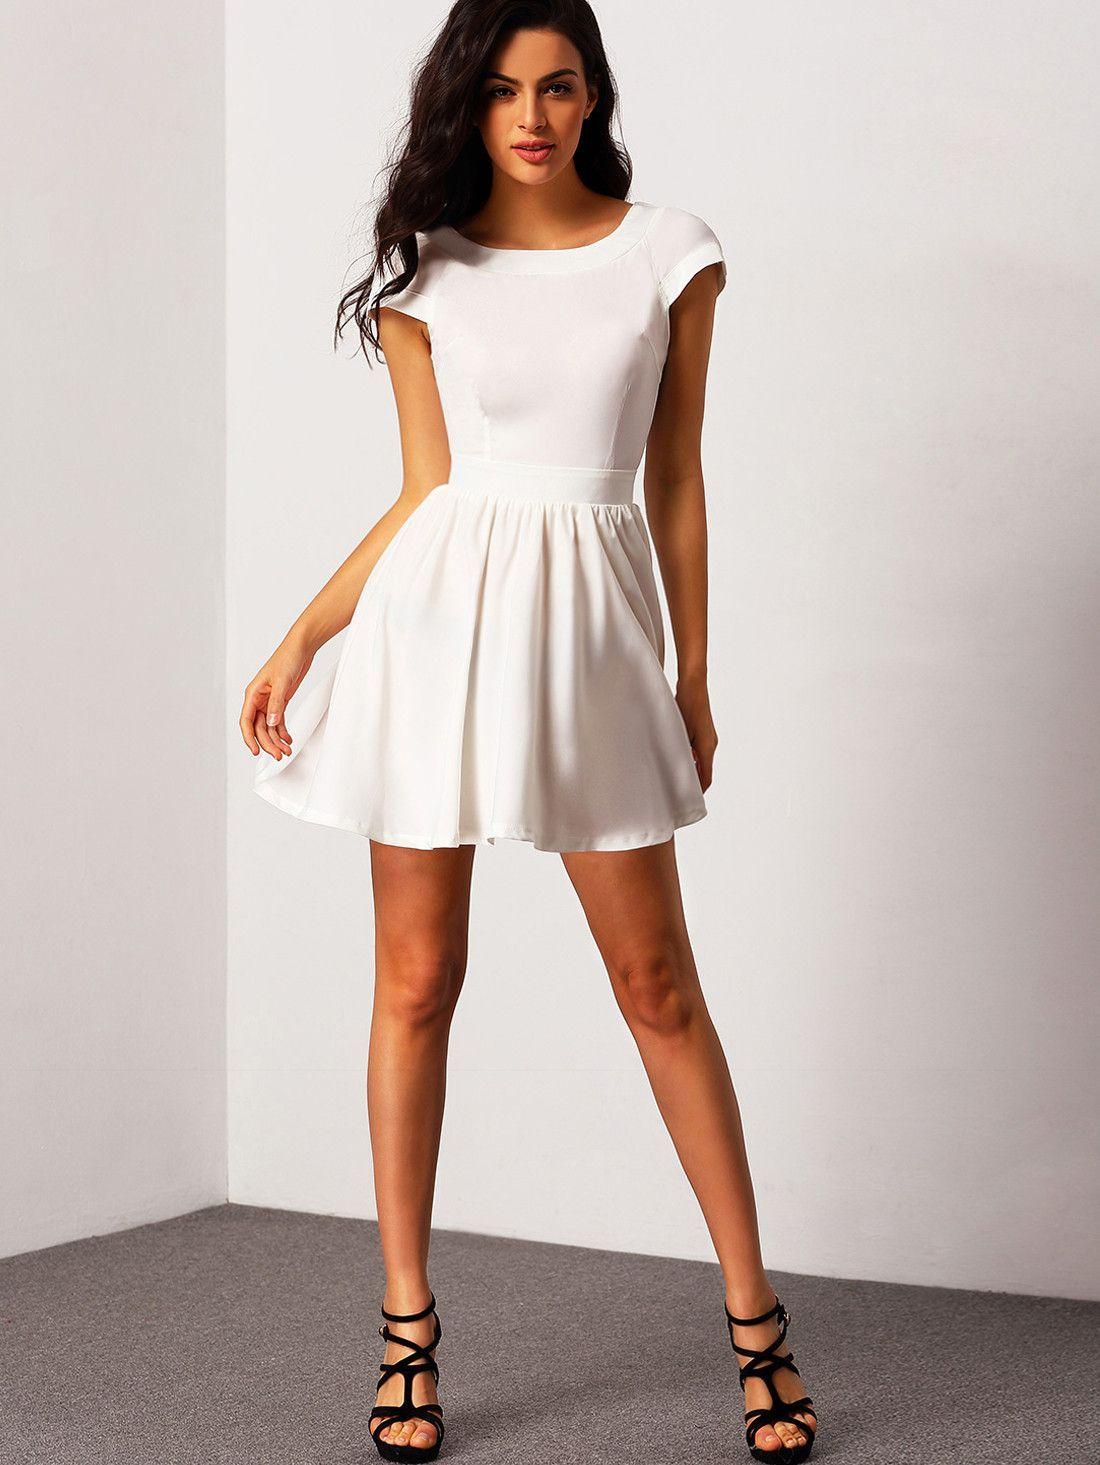 Short Sleeve White Dress All Dress